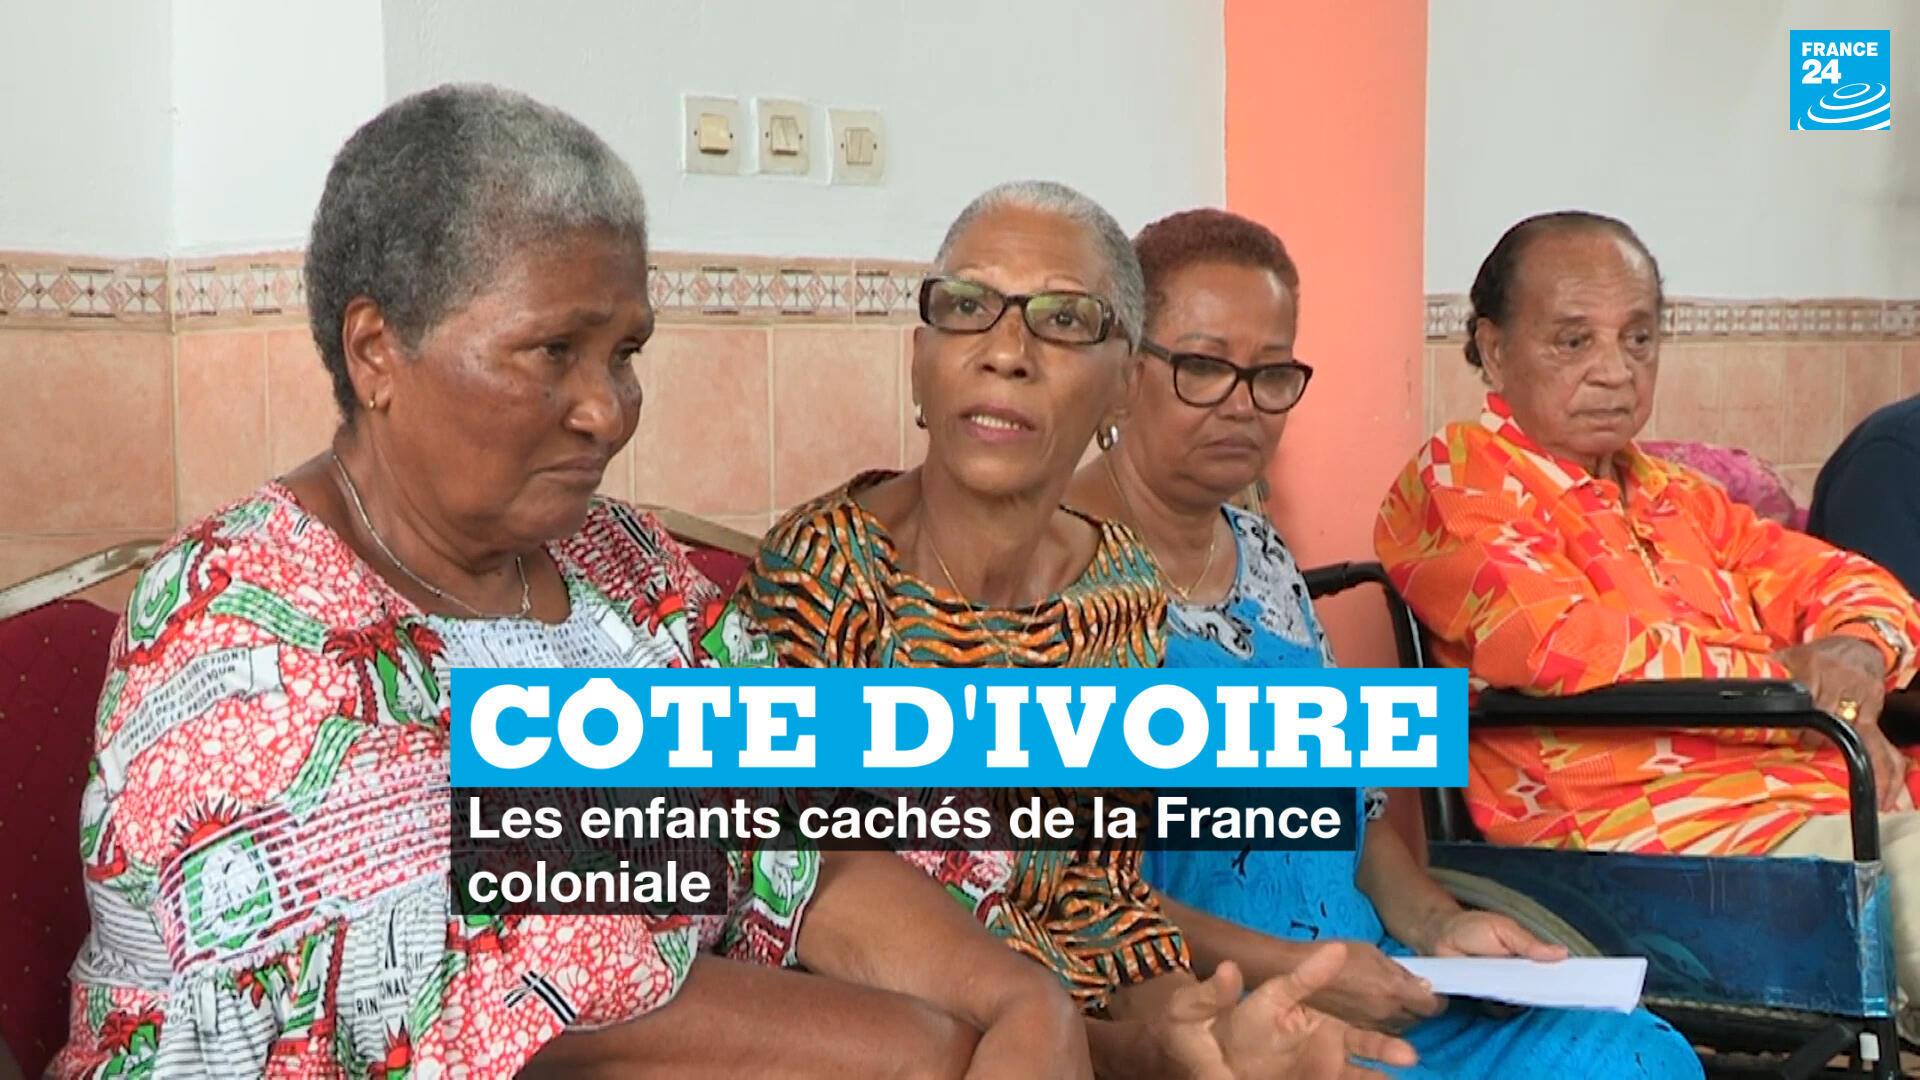 Côte d'Ivoire enfants cachés